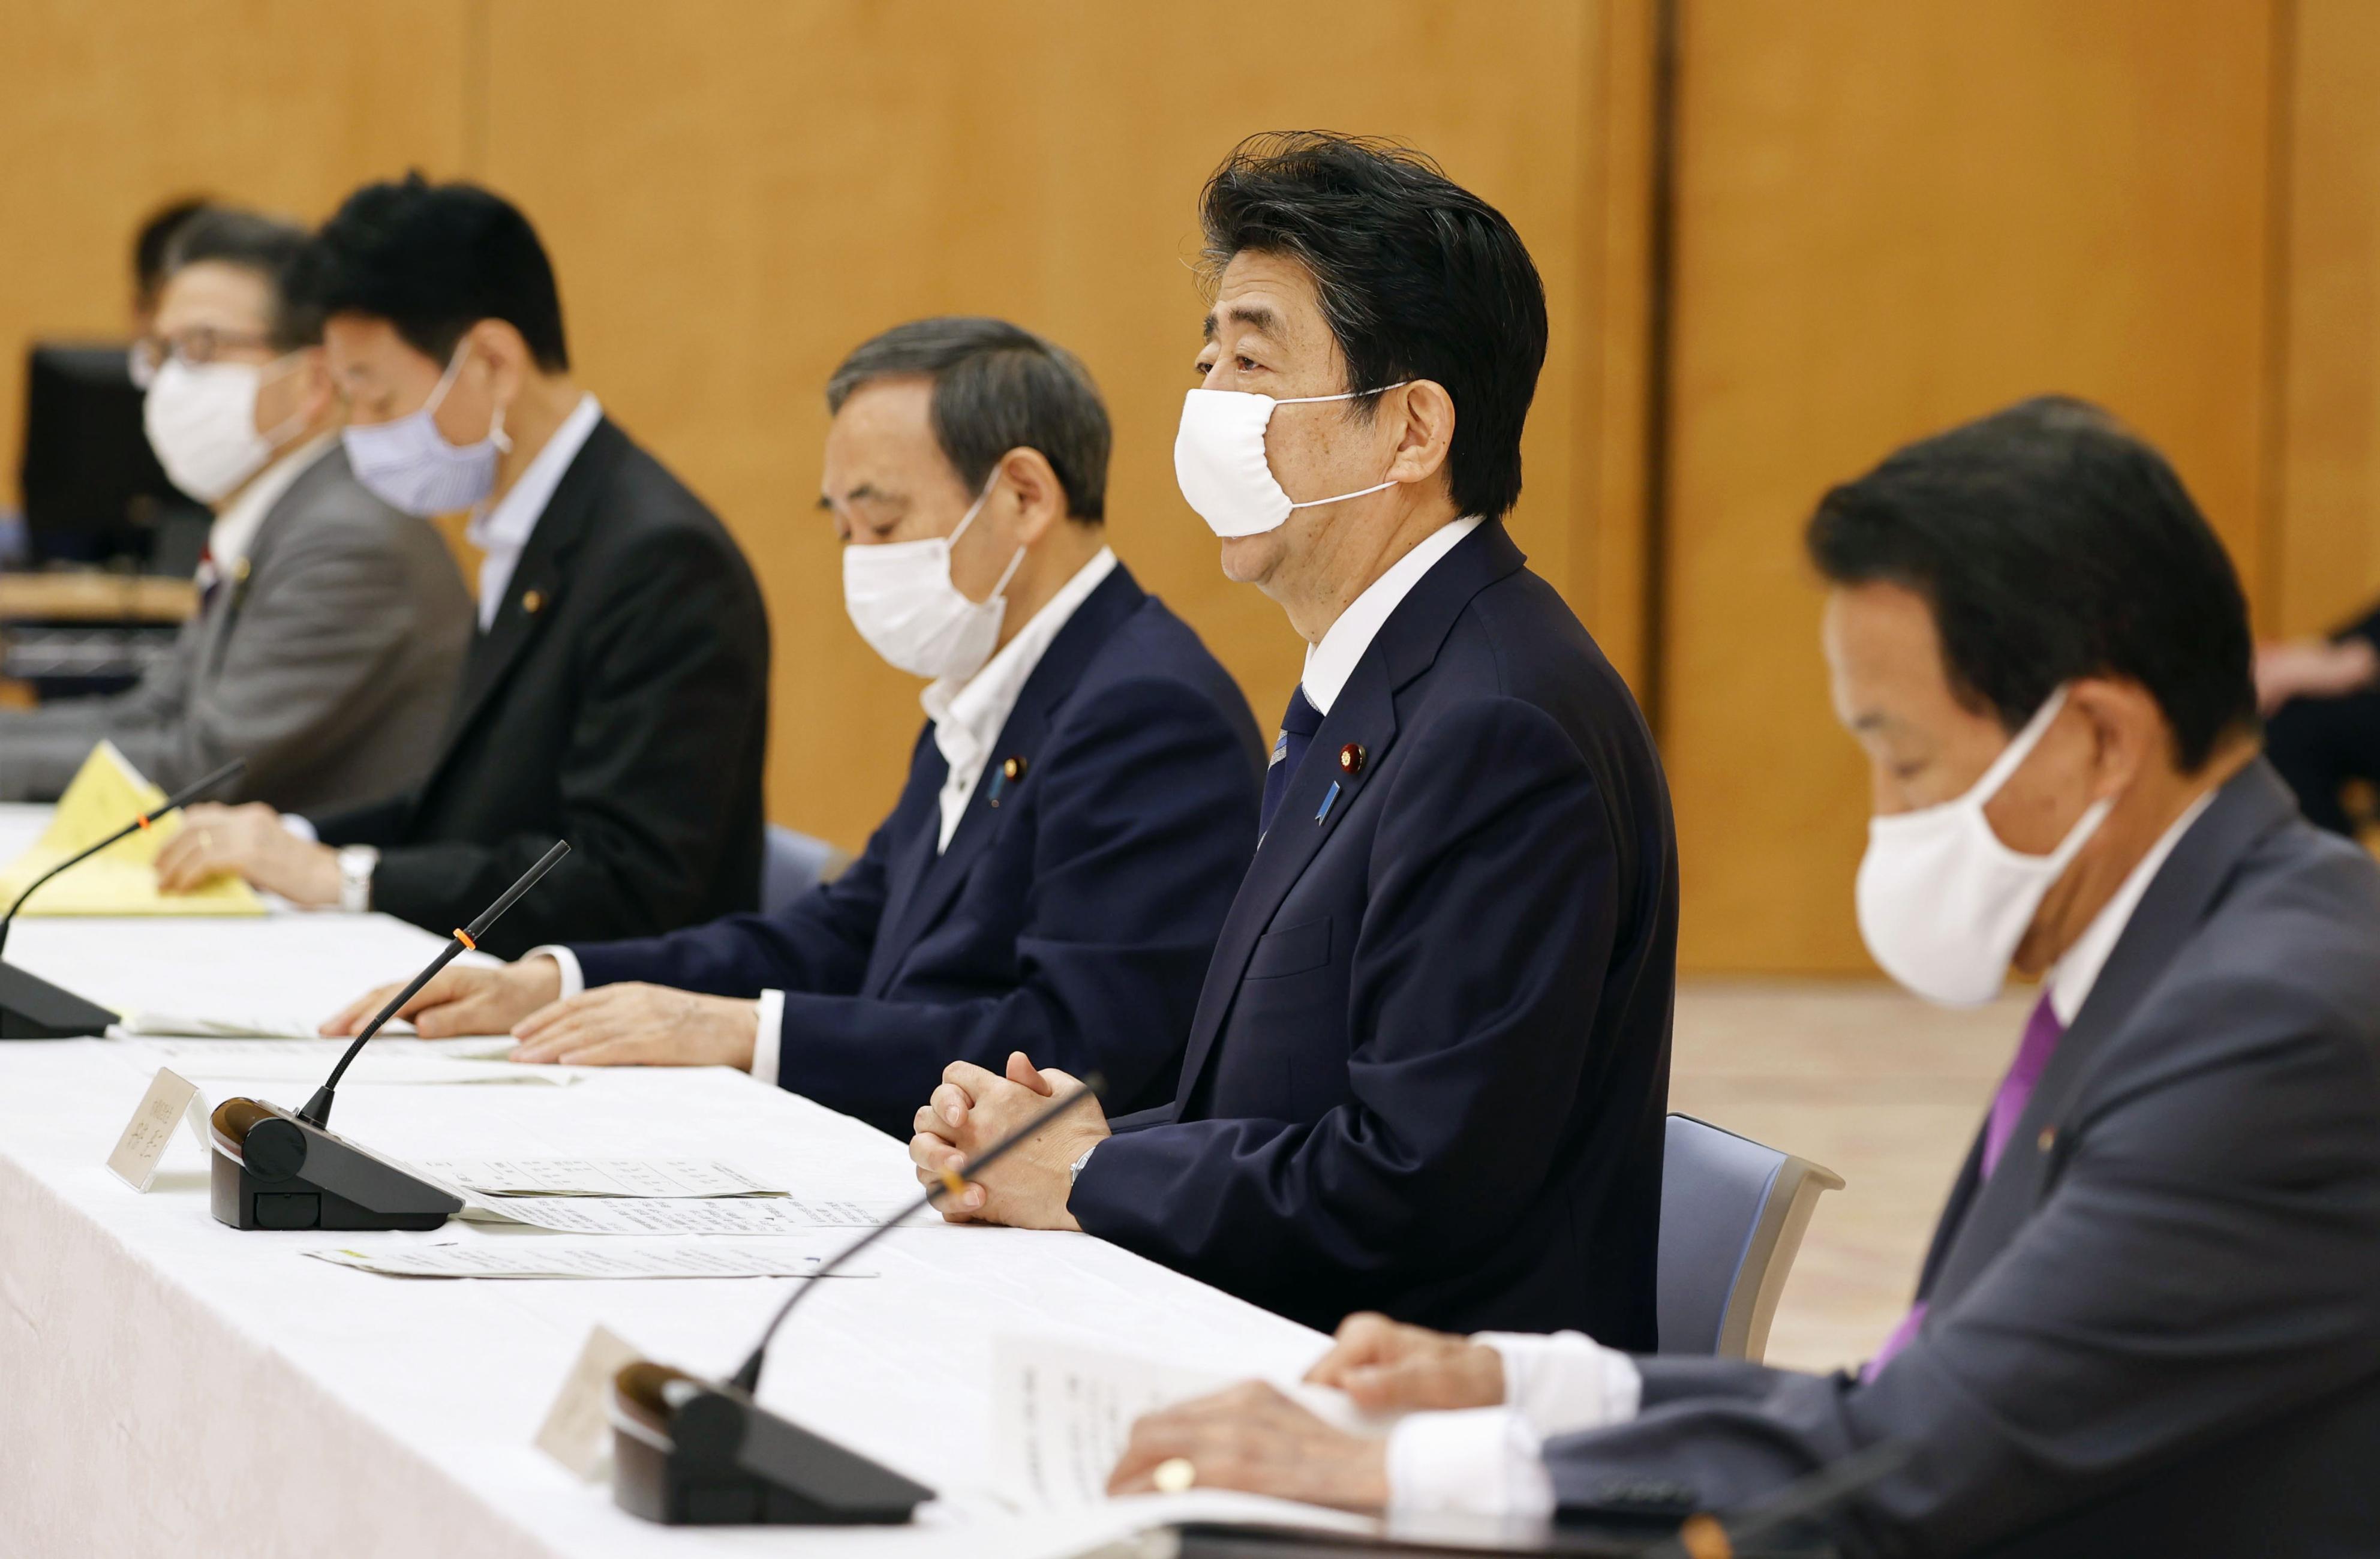 政府与党政策懇談会であいさつする安倍首相(手前から2人目)=27日午前、首相官邸